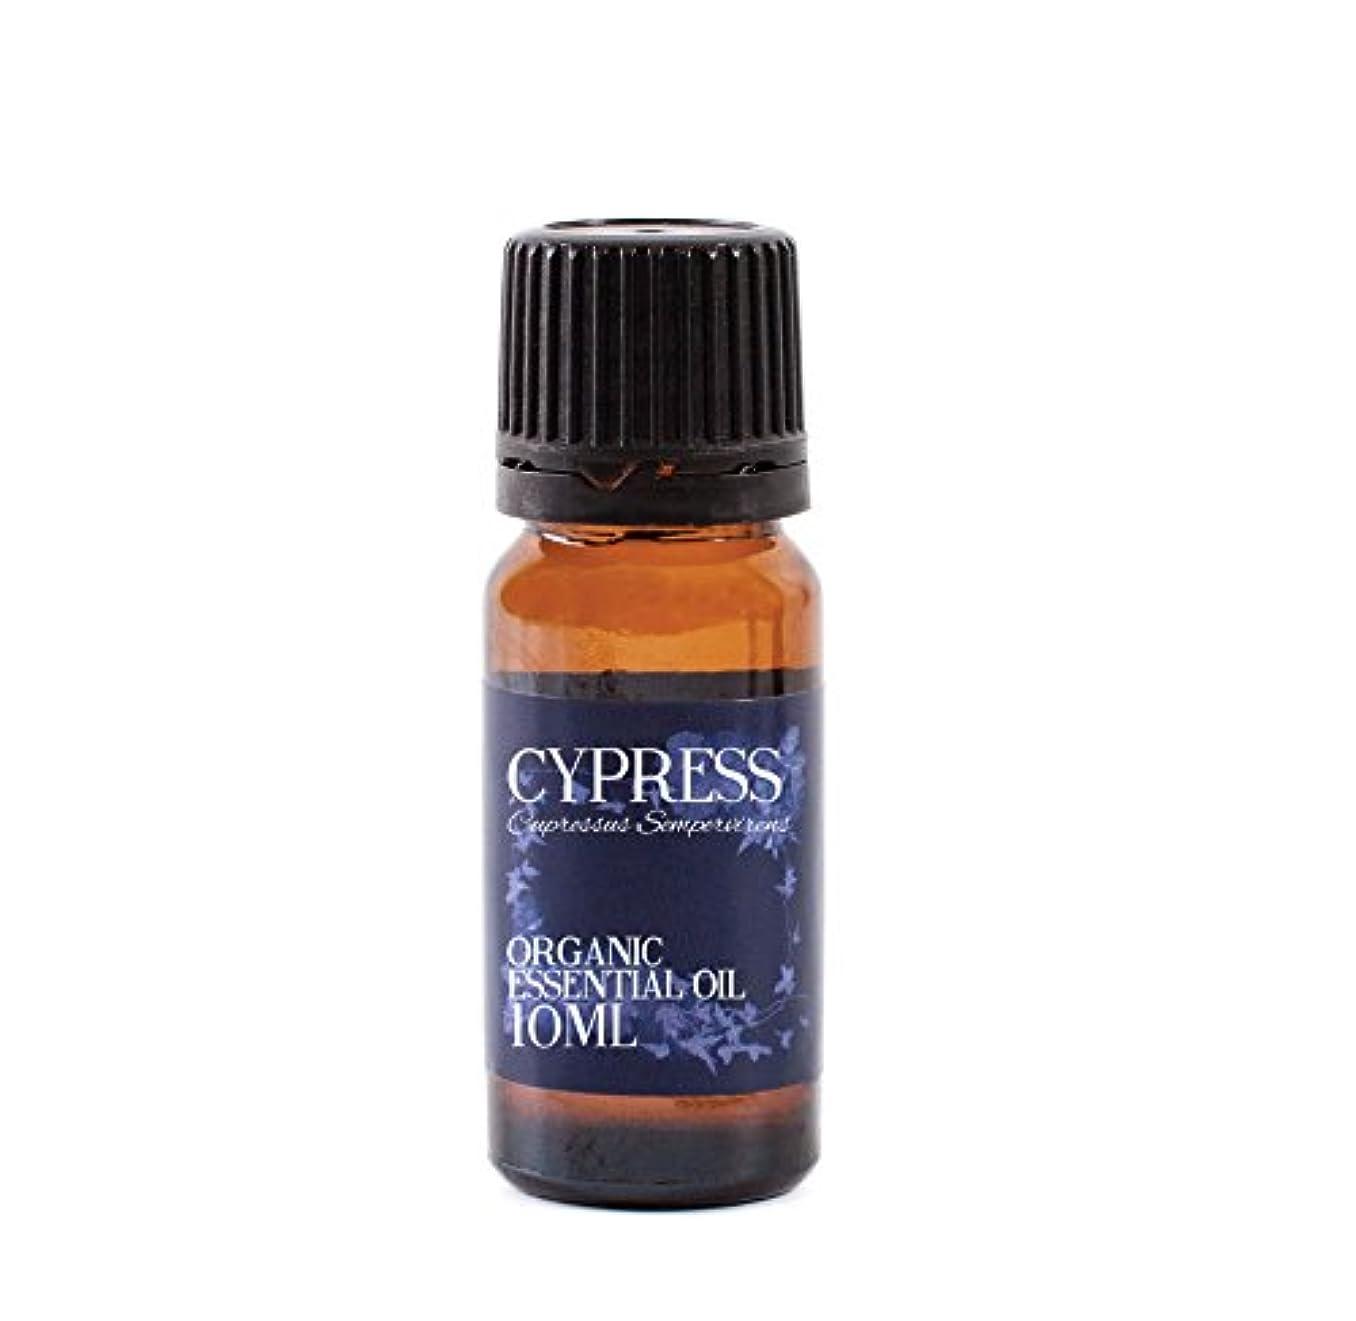 センチメートル必要スプリットCypress Organic Essential Oil - 10ml - 100% Pure